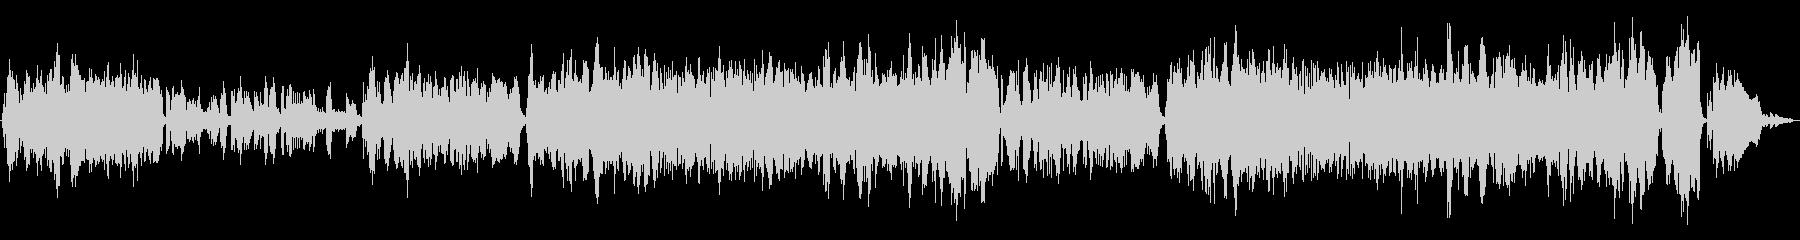 ピアノとストリングスの伸びやかなBGMの未再生の波形